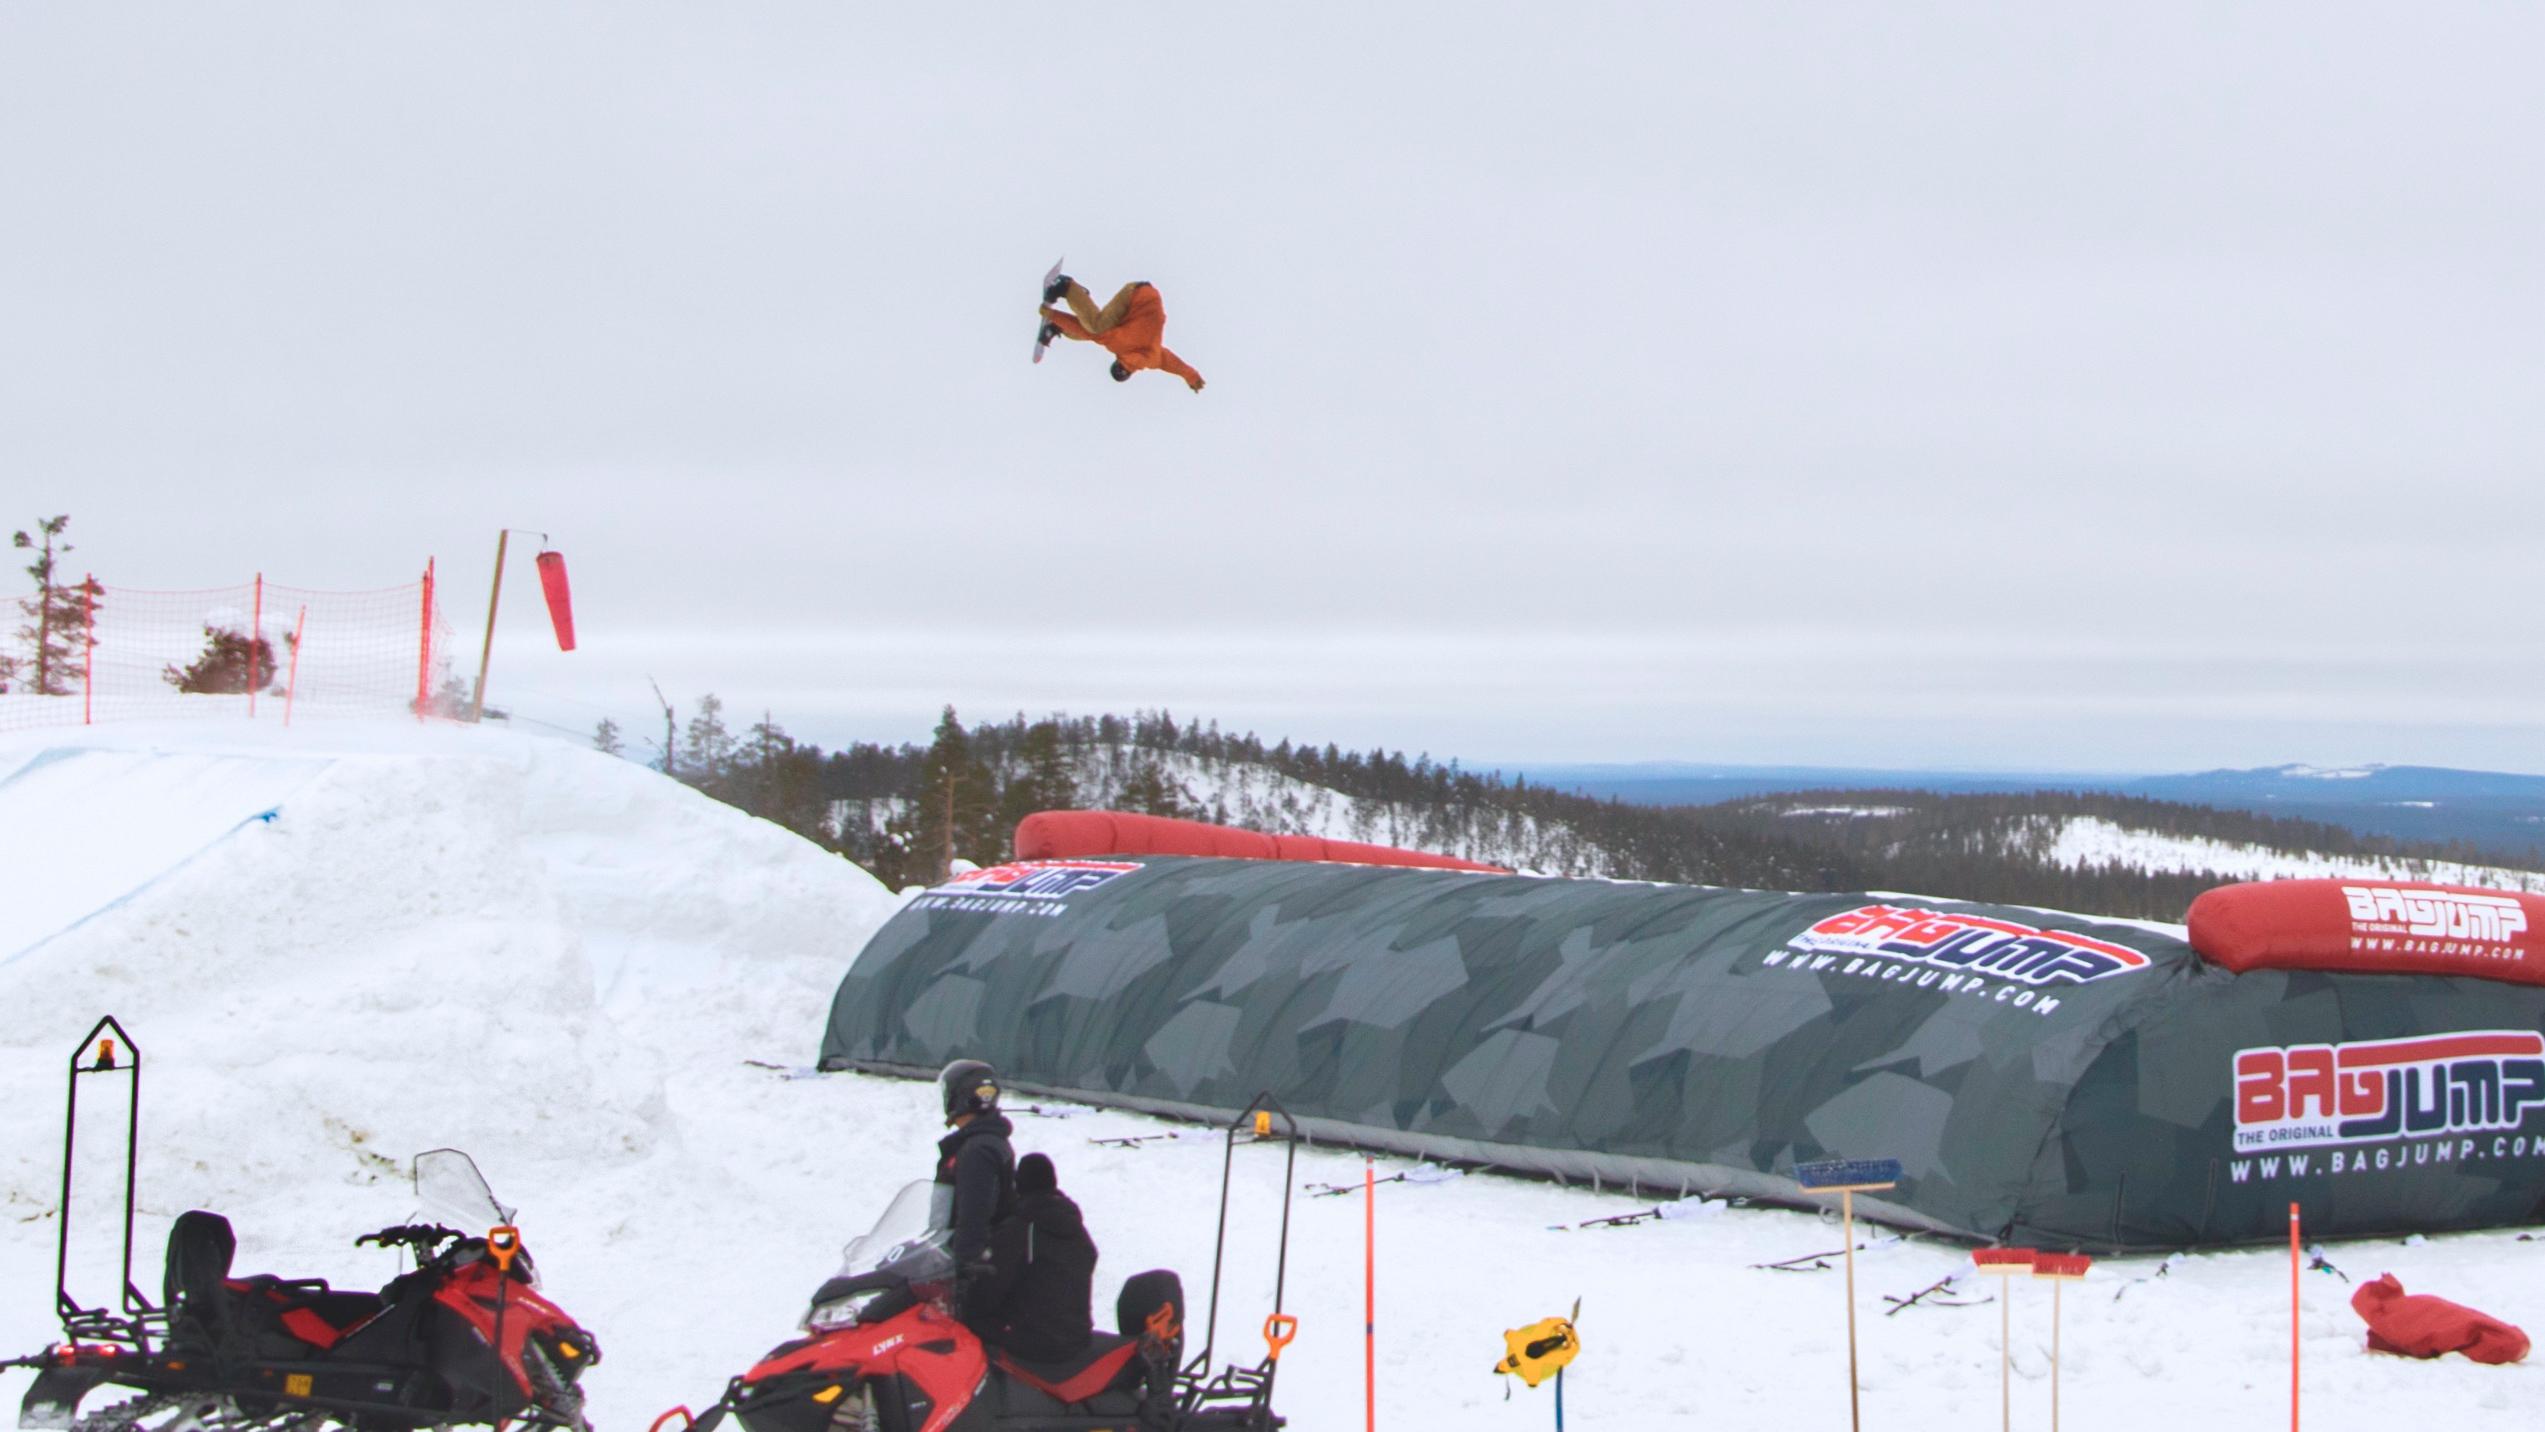 Gigantisk konkurransefordel for snowboard og freeski åpner i Trysil i starten av mars